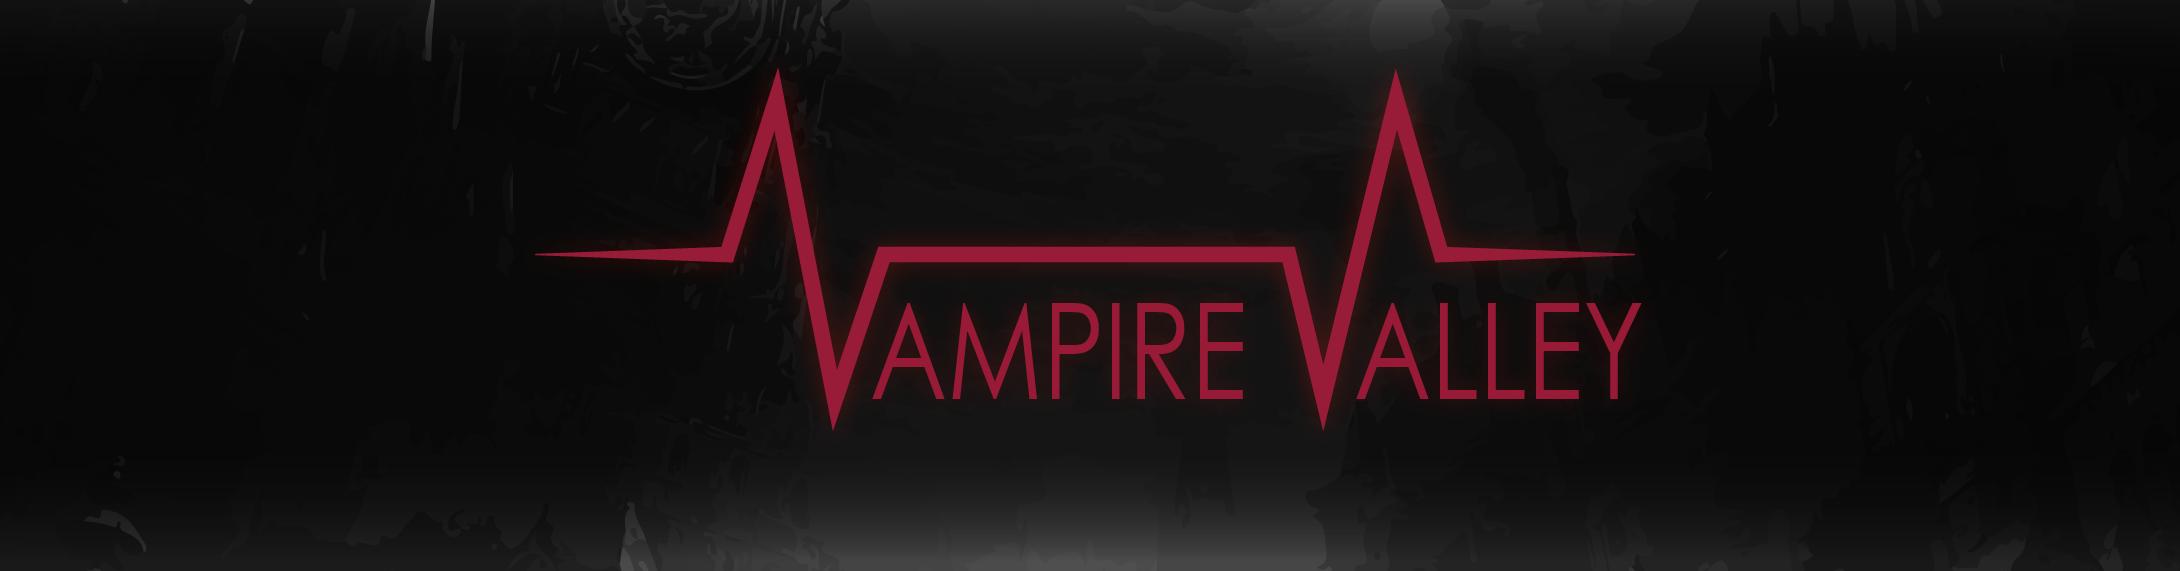 Vampire Valley